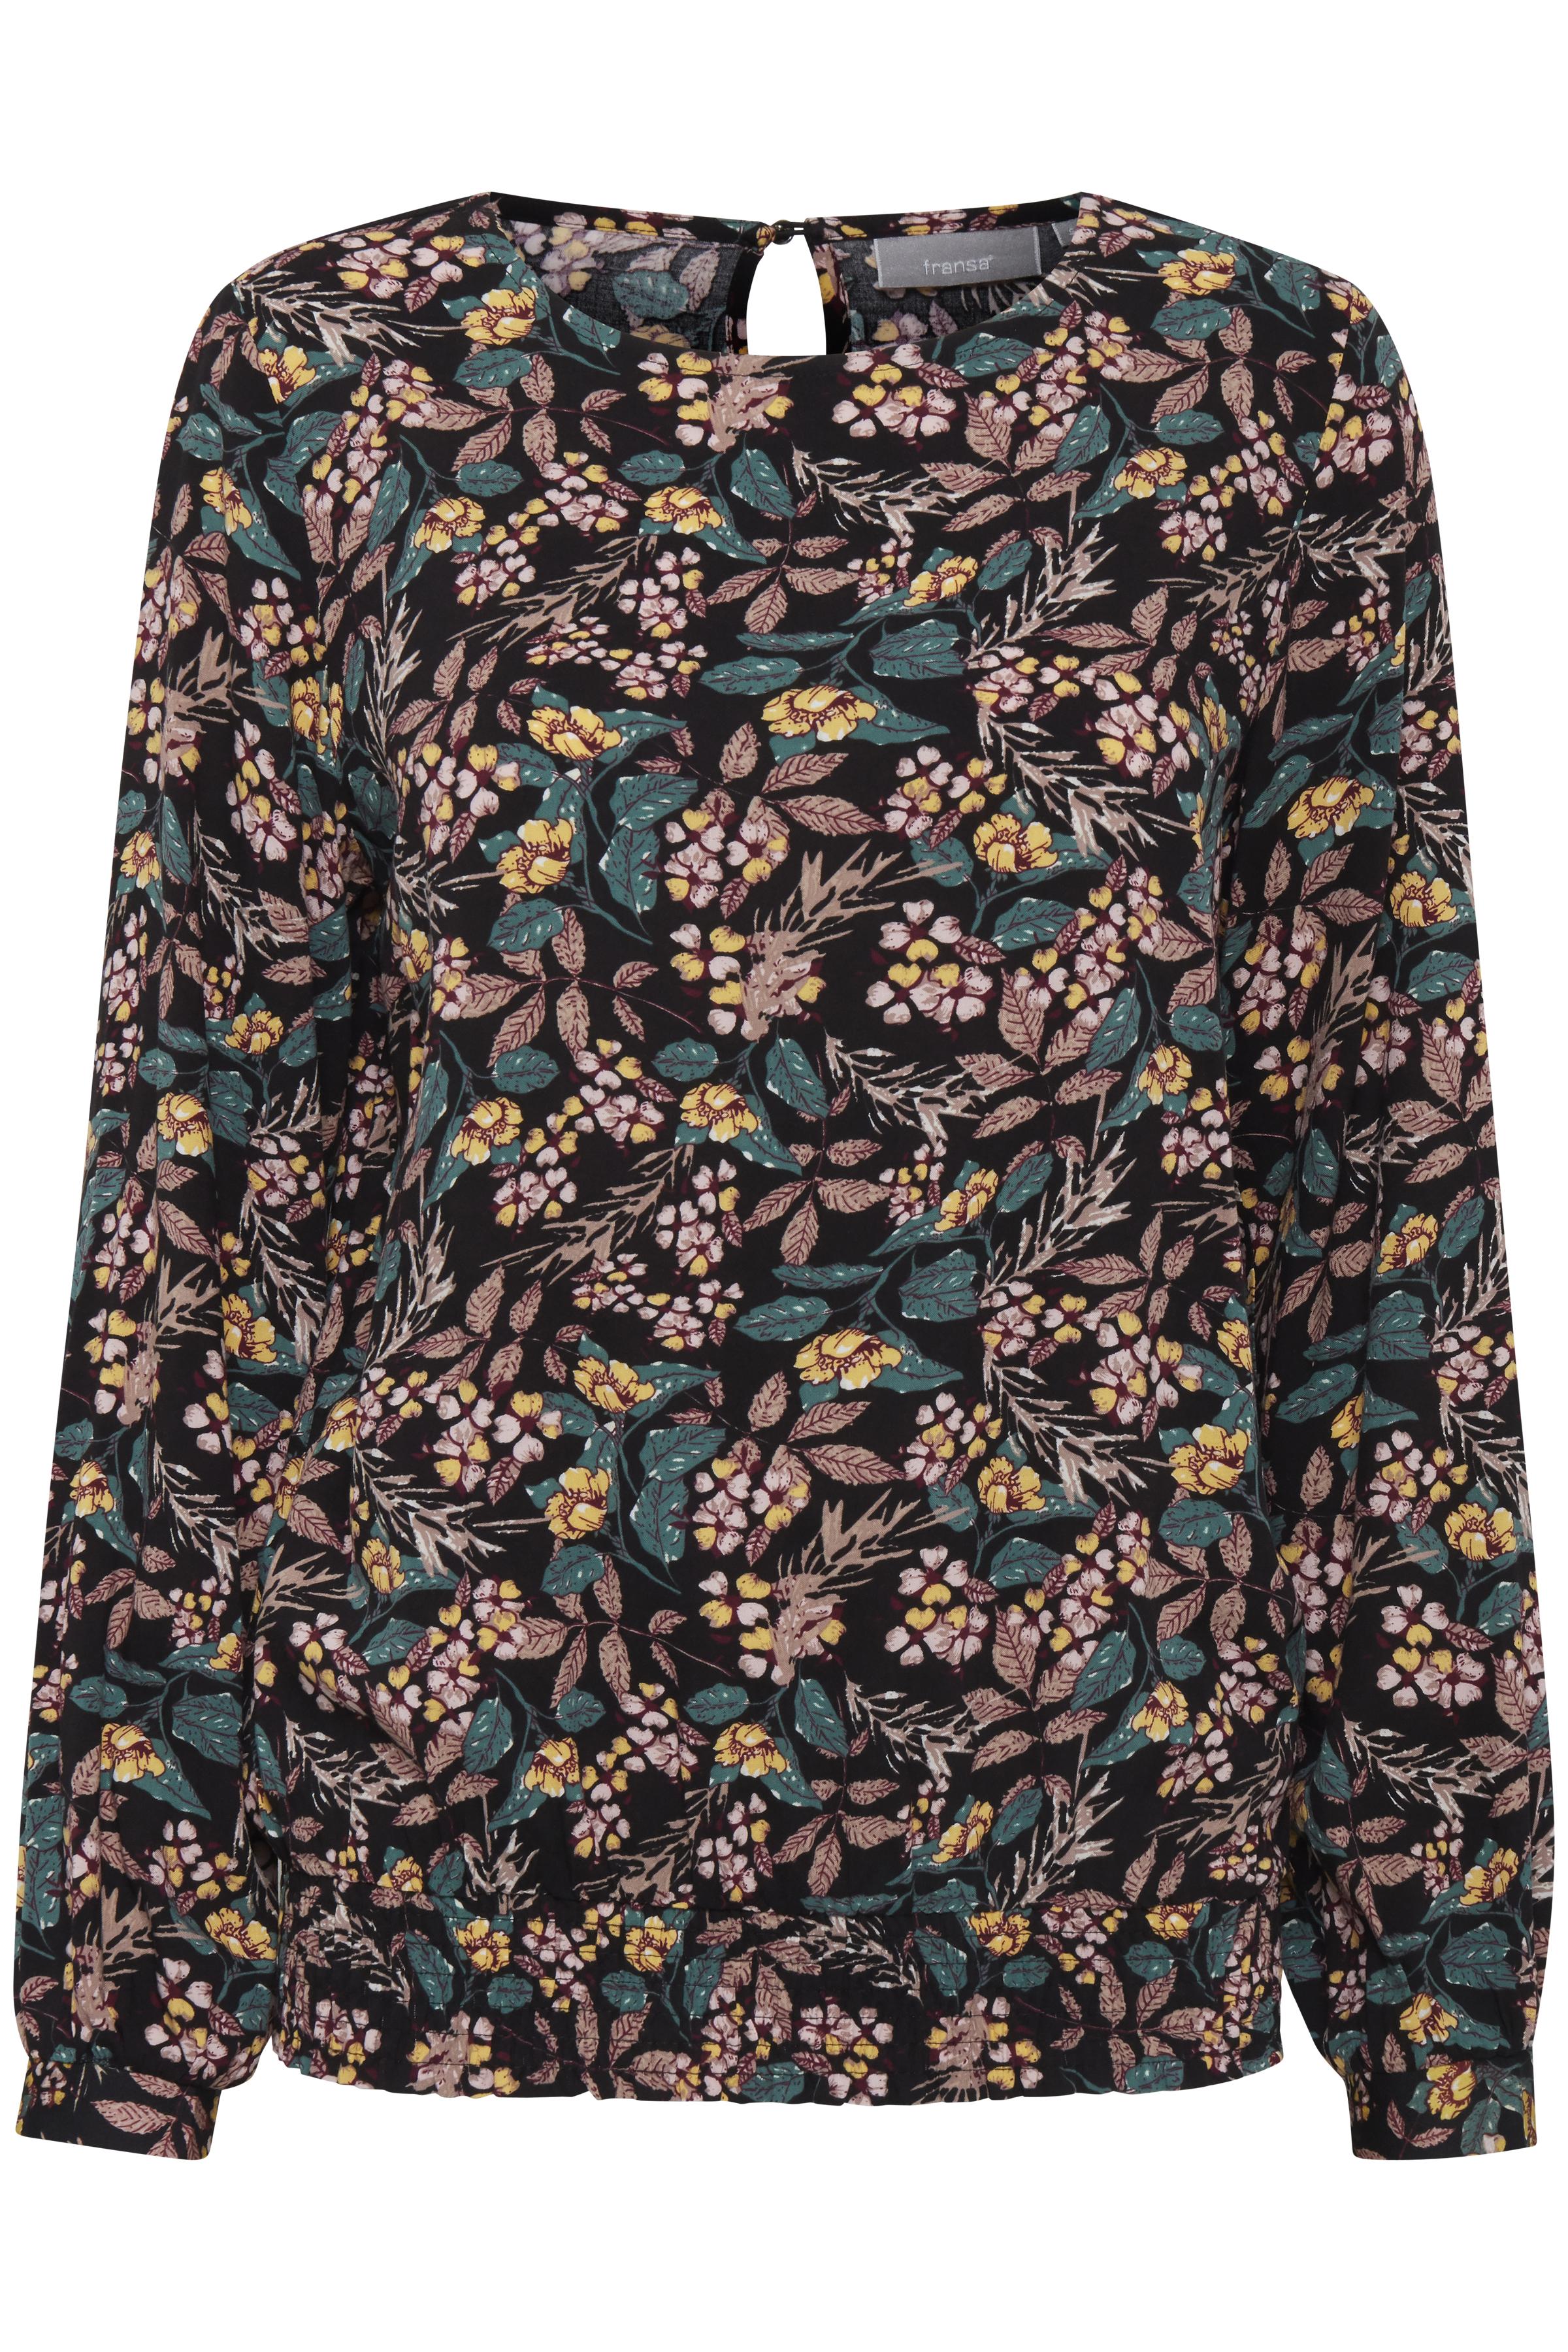 Sort/rosa Langærmet bluse fra Fransa – Køb Sort/rosa Langærmet bluse fra str. XS-XXL her